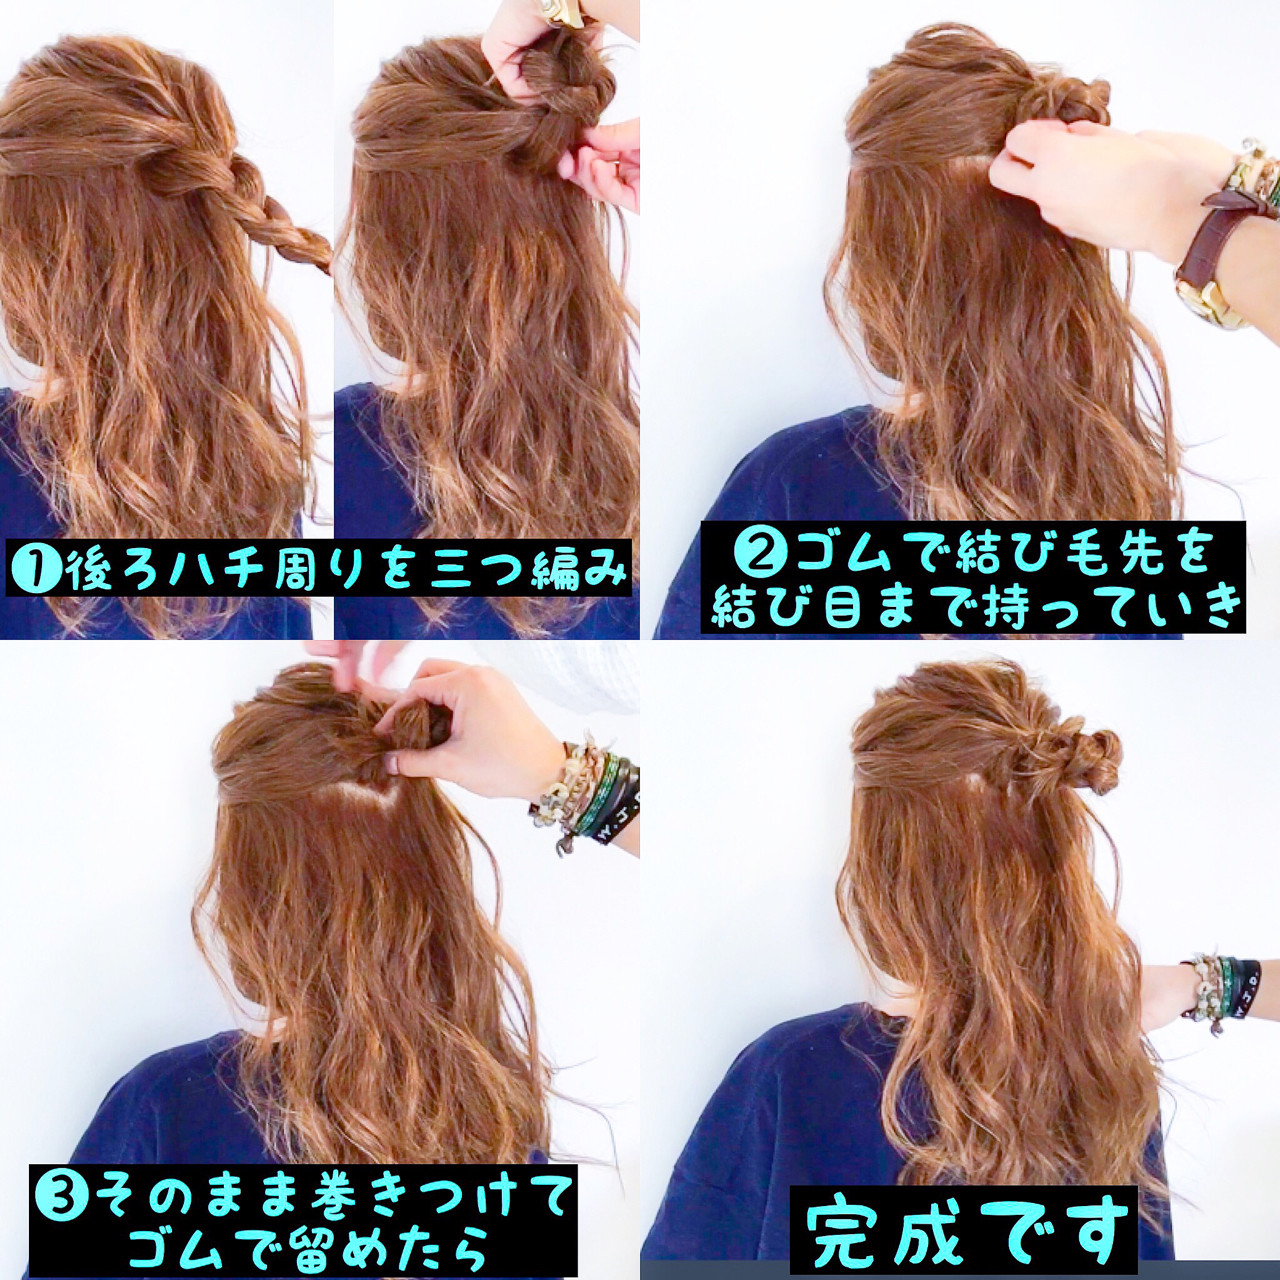 フェミニン デート ヘアアレンジ アウトドア ヘアスタイルや髪型の写真・画像